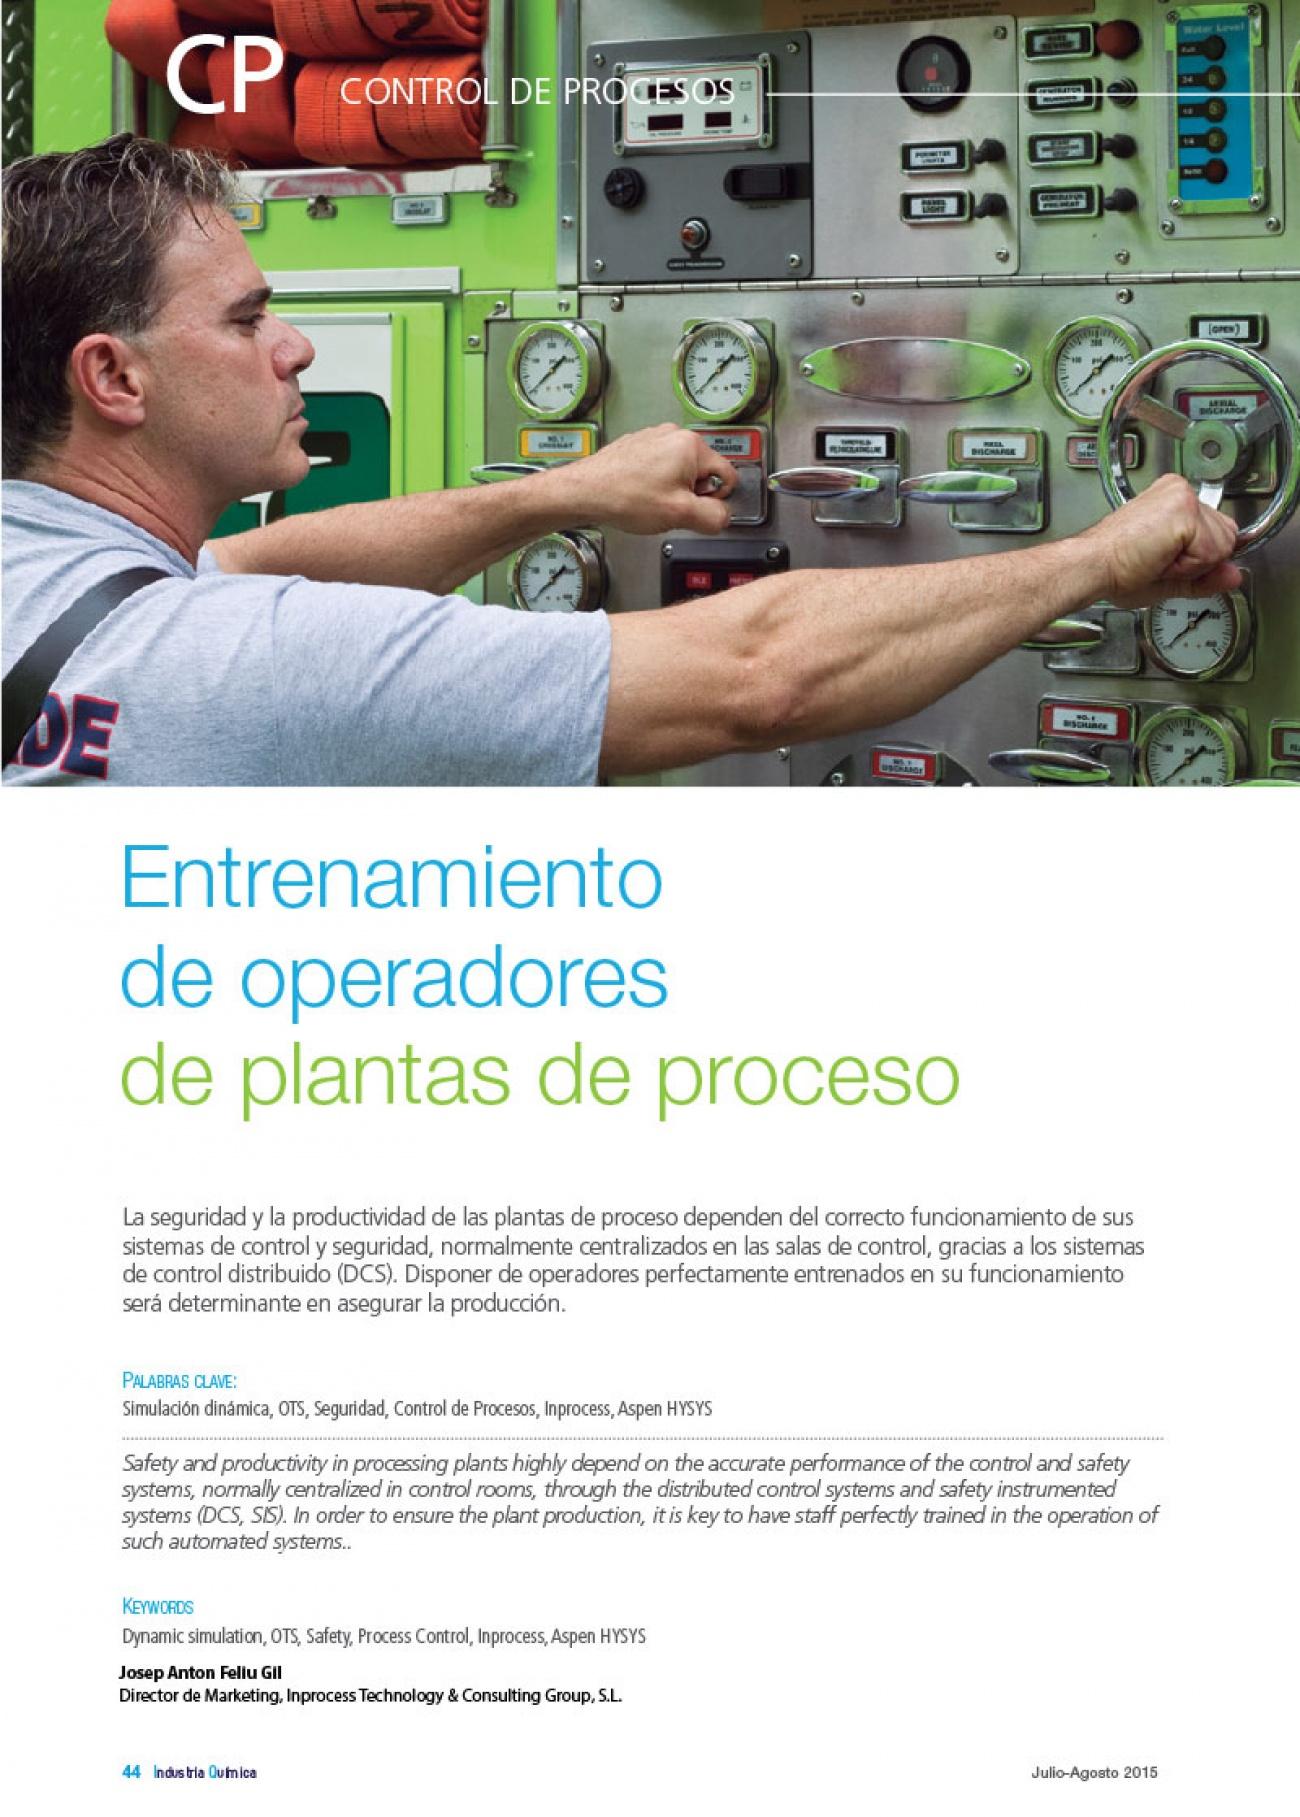 inprocess Entrenamiento de operadores en plantas de proceso (Spanish)